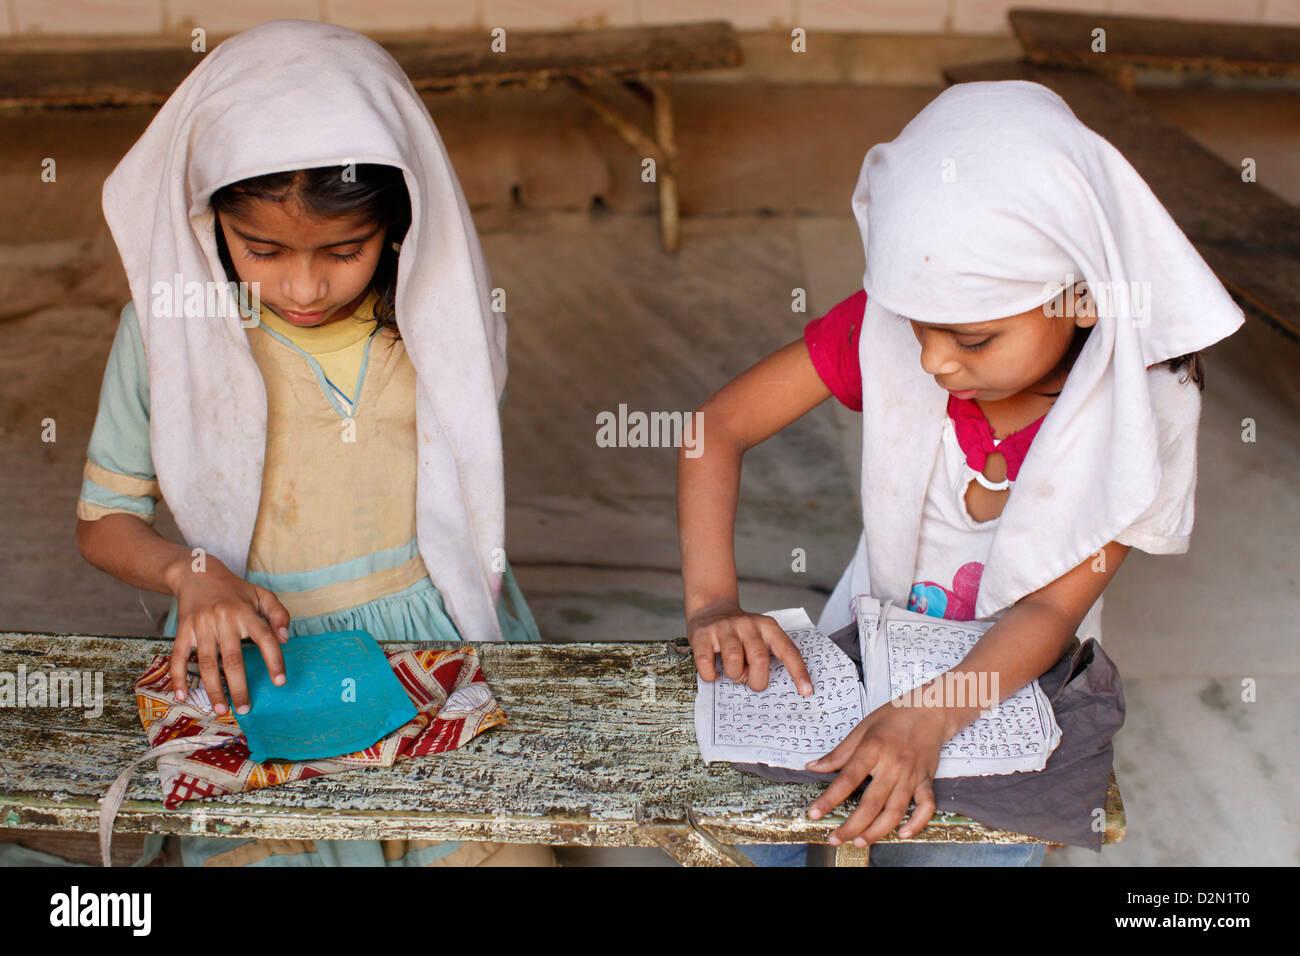 Mädchen lernen Arabisch in einer Medersa (koranische Schule), Fatehpur Sikri, Uttar Pradesh, Indien, Asien Stockbild